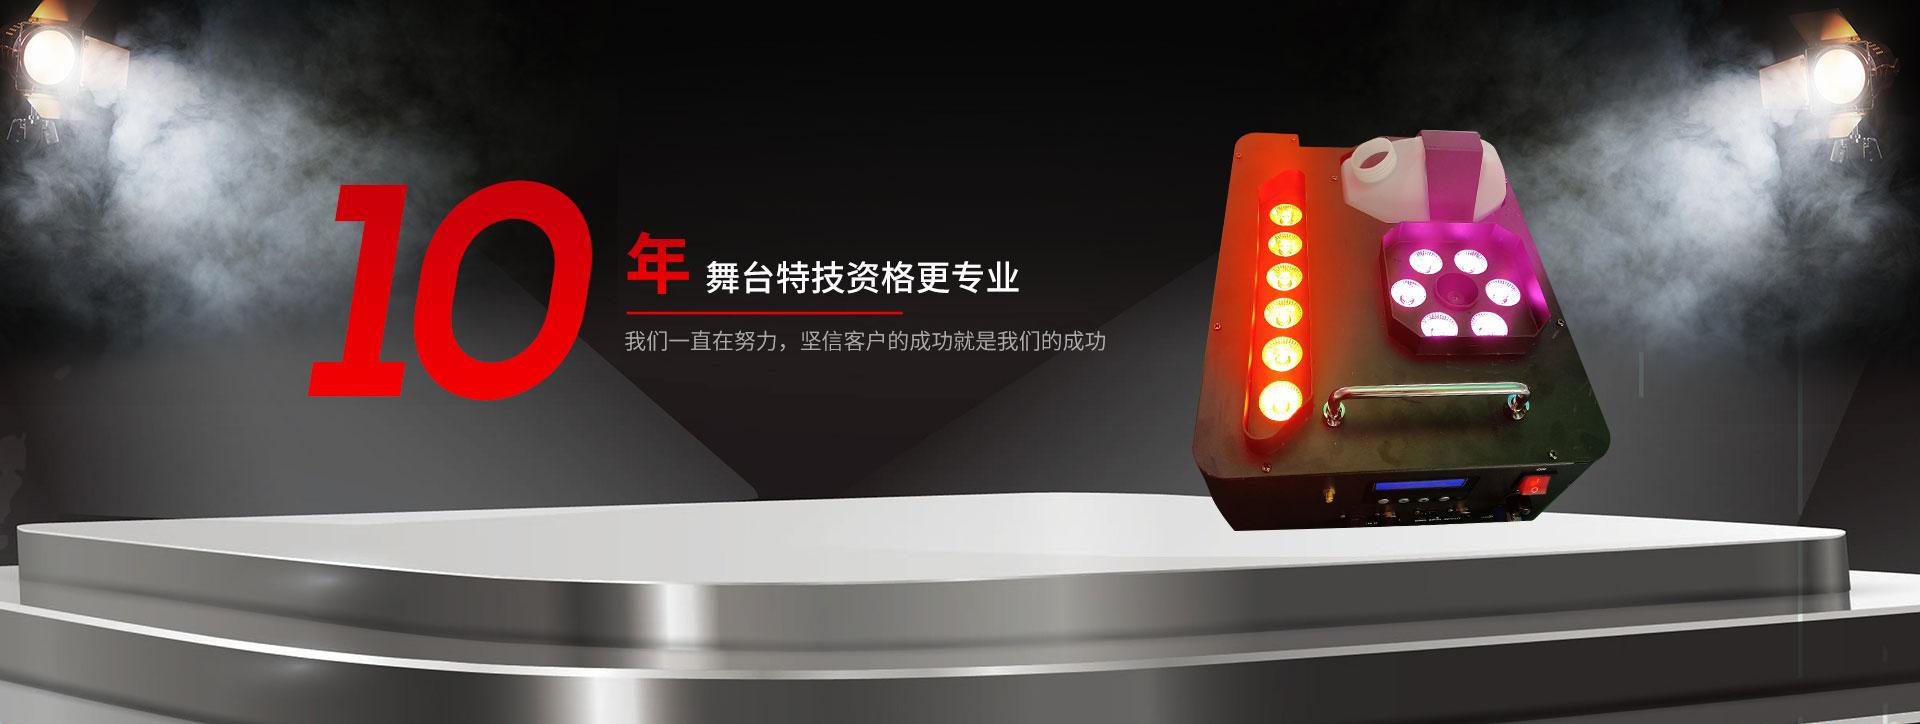 广州斯特锐舞台特效设备有限公司